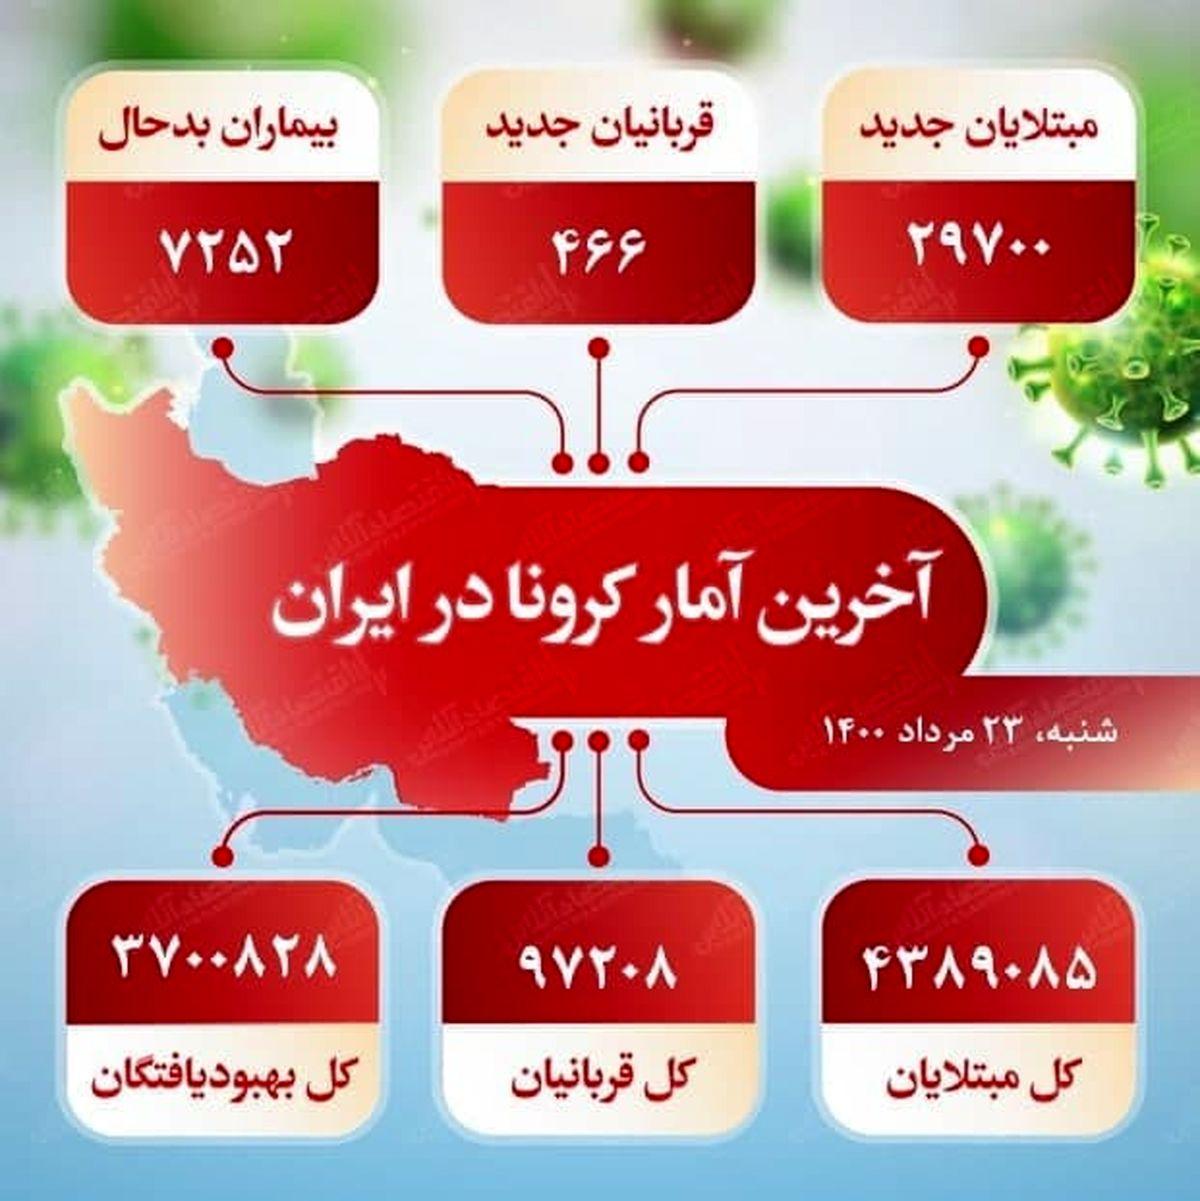 آخرین آمار کرونا در ایران (۱۴۰۰/۵/۲۳)